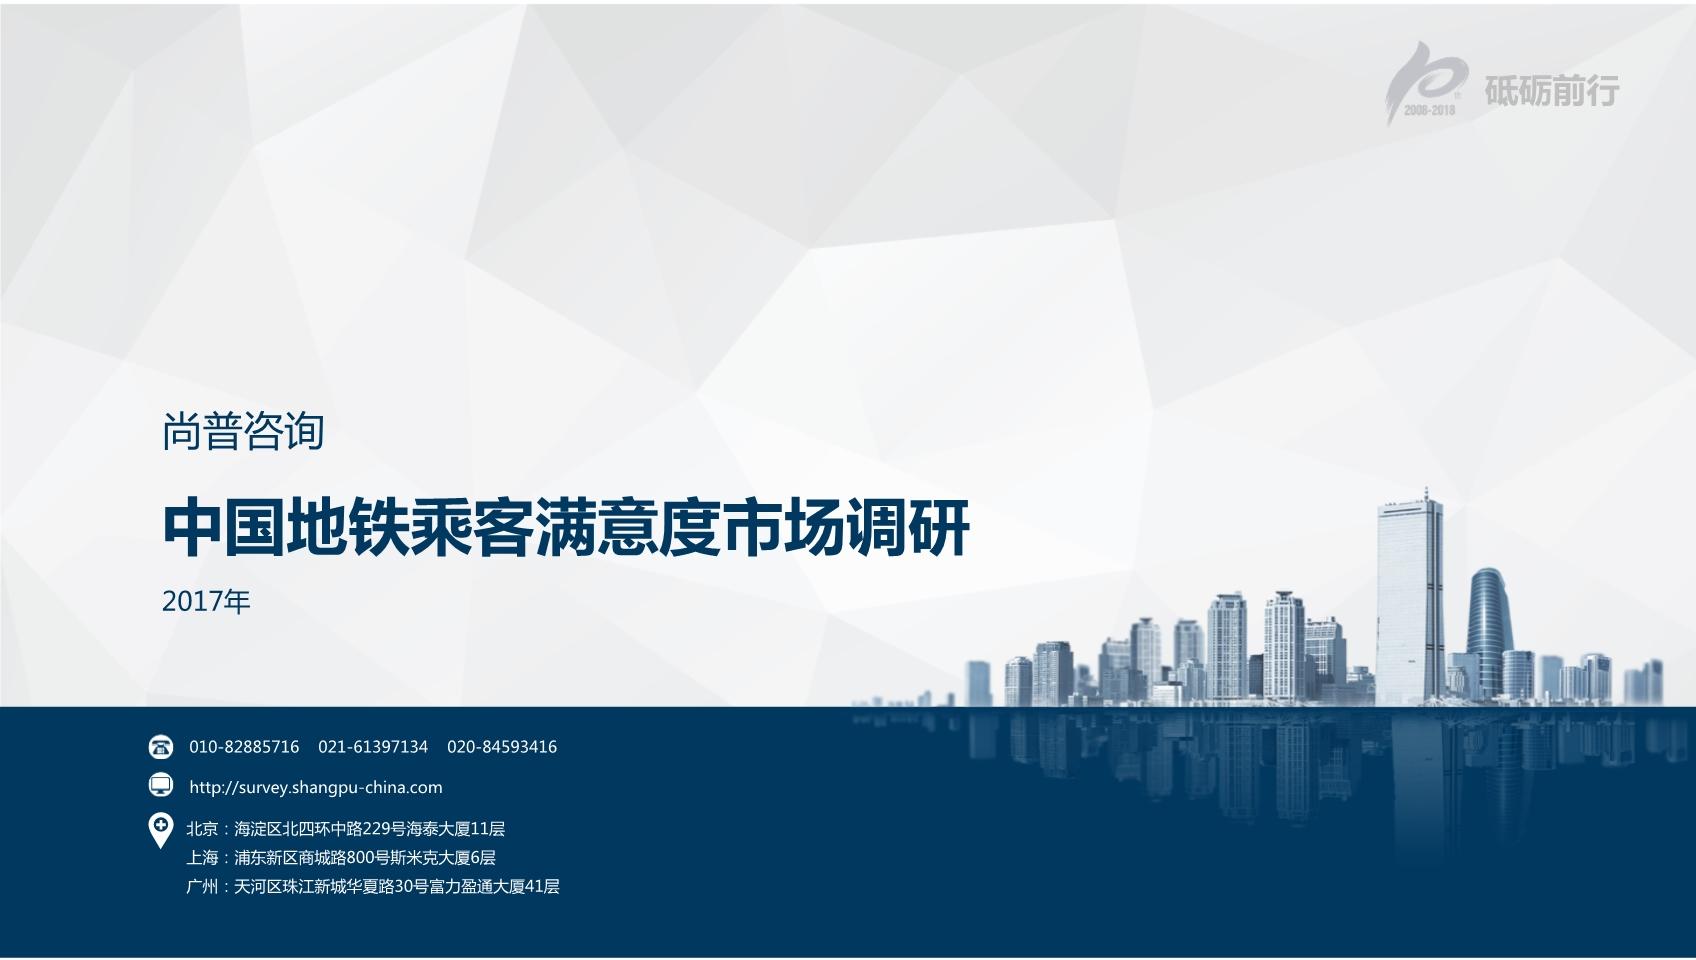 尚普咨询-中国地铁乘客满意度市场调研